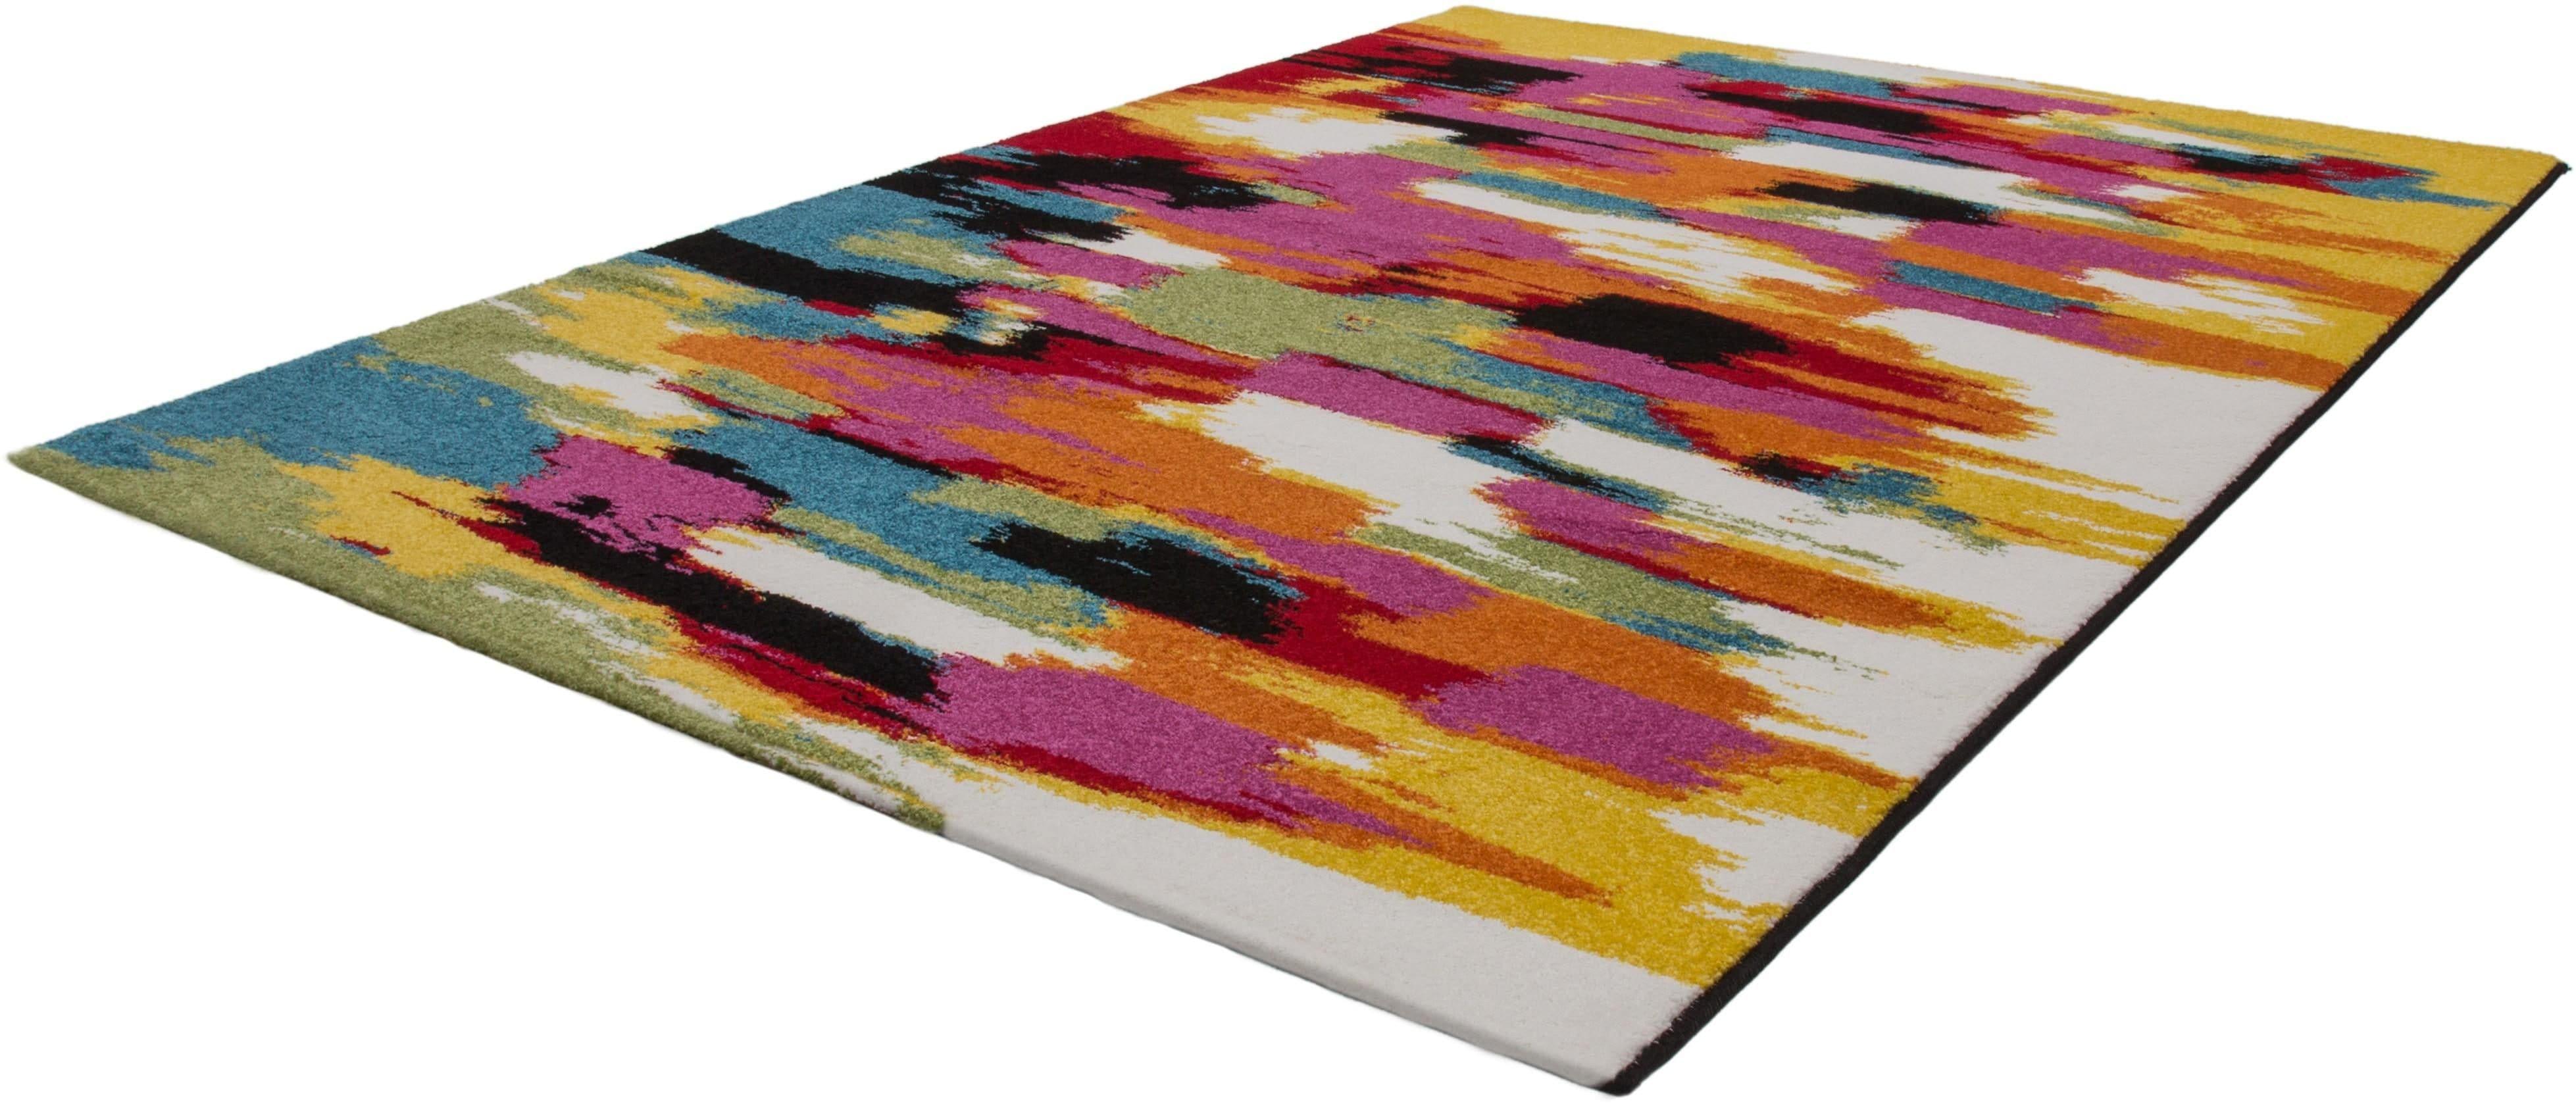 Teppich Guayama 255 Kayoom rechteckig Höhe 17 mm